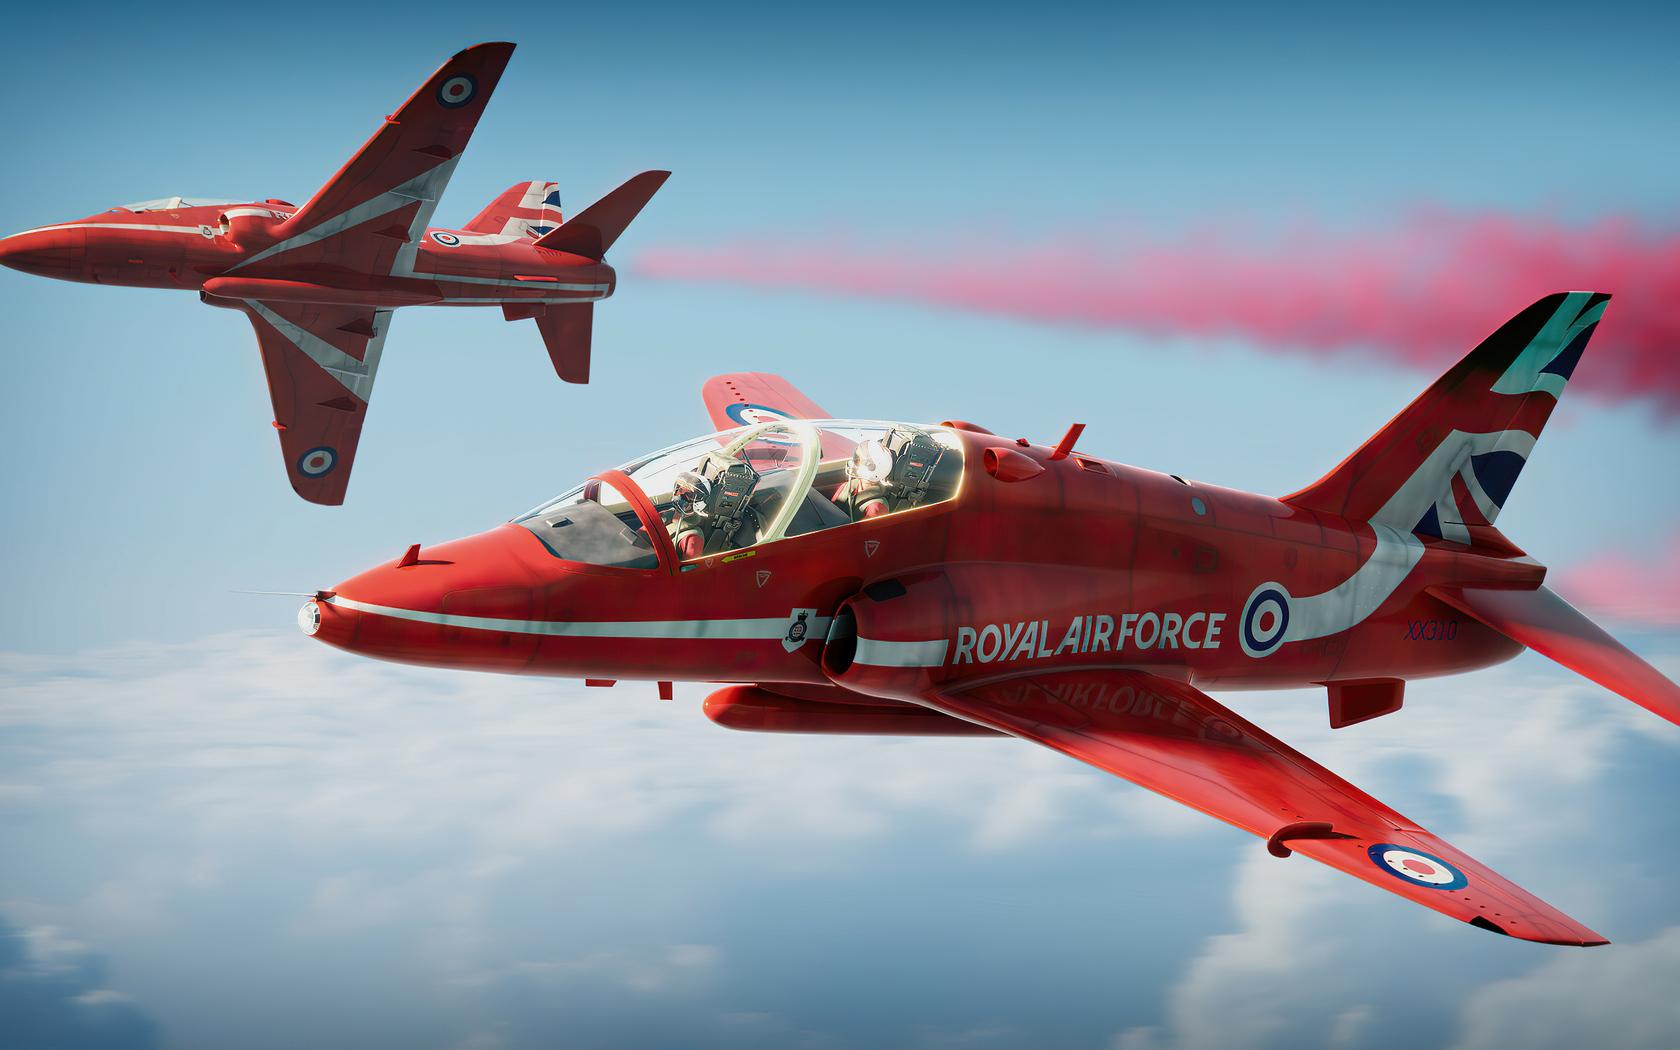 red-arrows-plane-art-4k-gr.jpg